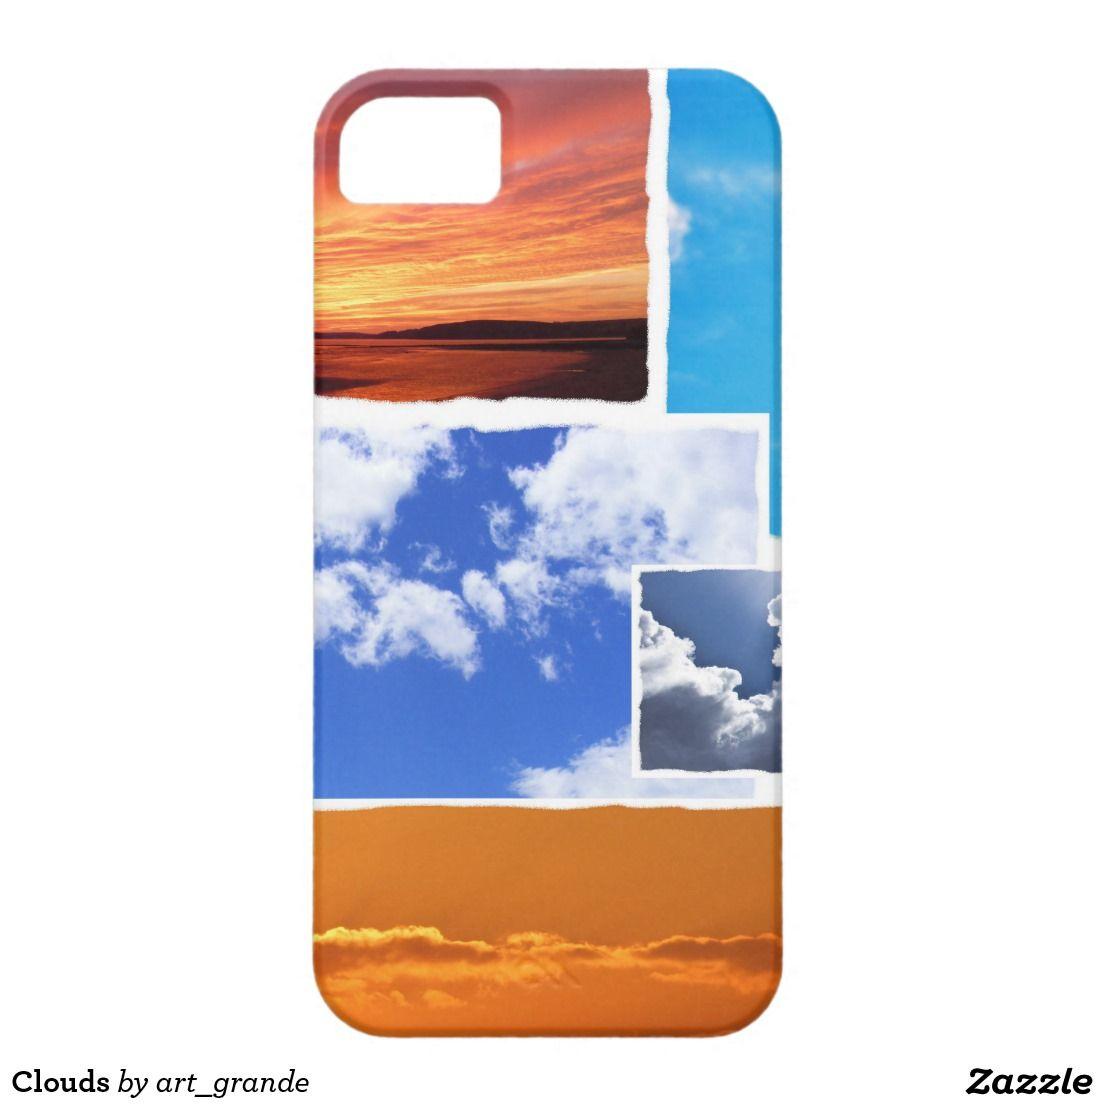 Clouds HTC Vivid Cases